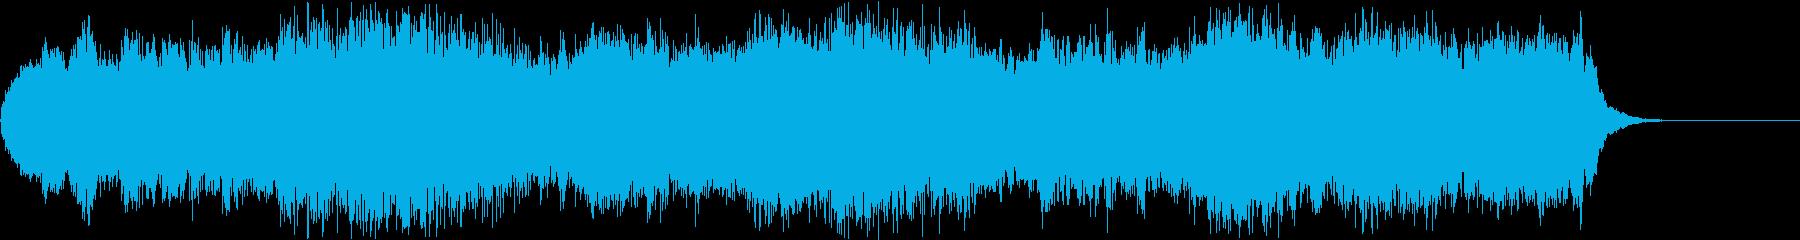 衝撃の事実が判明した時の劇伴の再生済みの波形